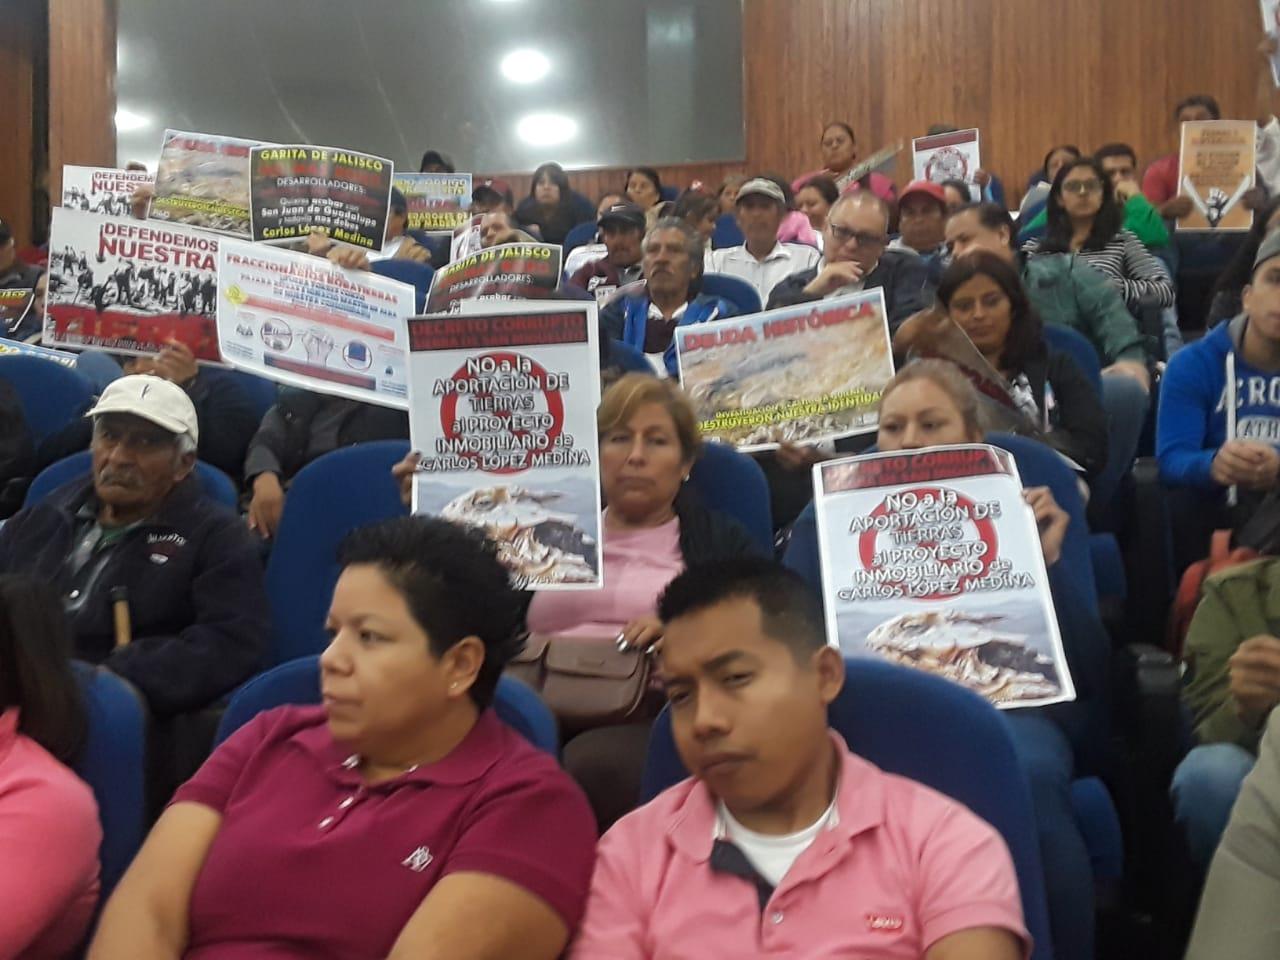 Fraccionadores intentan invadir nuestras tierras, denuncian ejidatarios (San Luis Potosí)